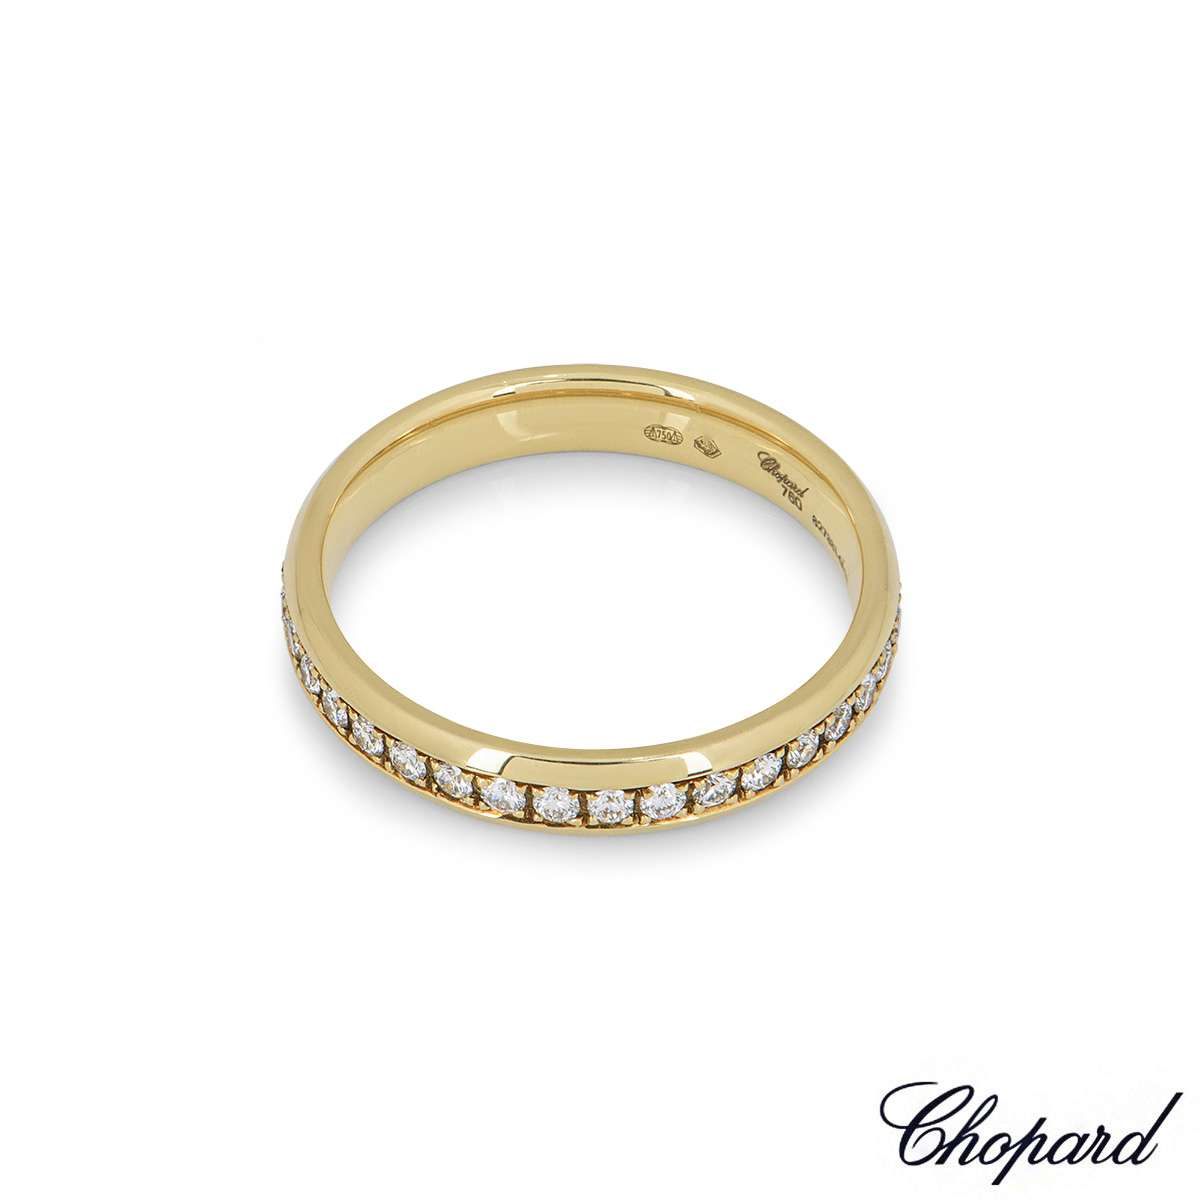 Chopard Yellow Gold Diamond Band 827331-0111